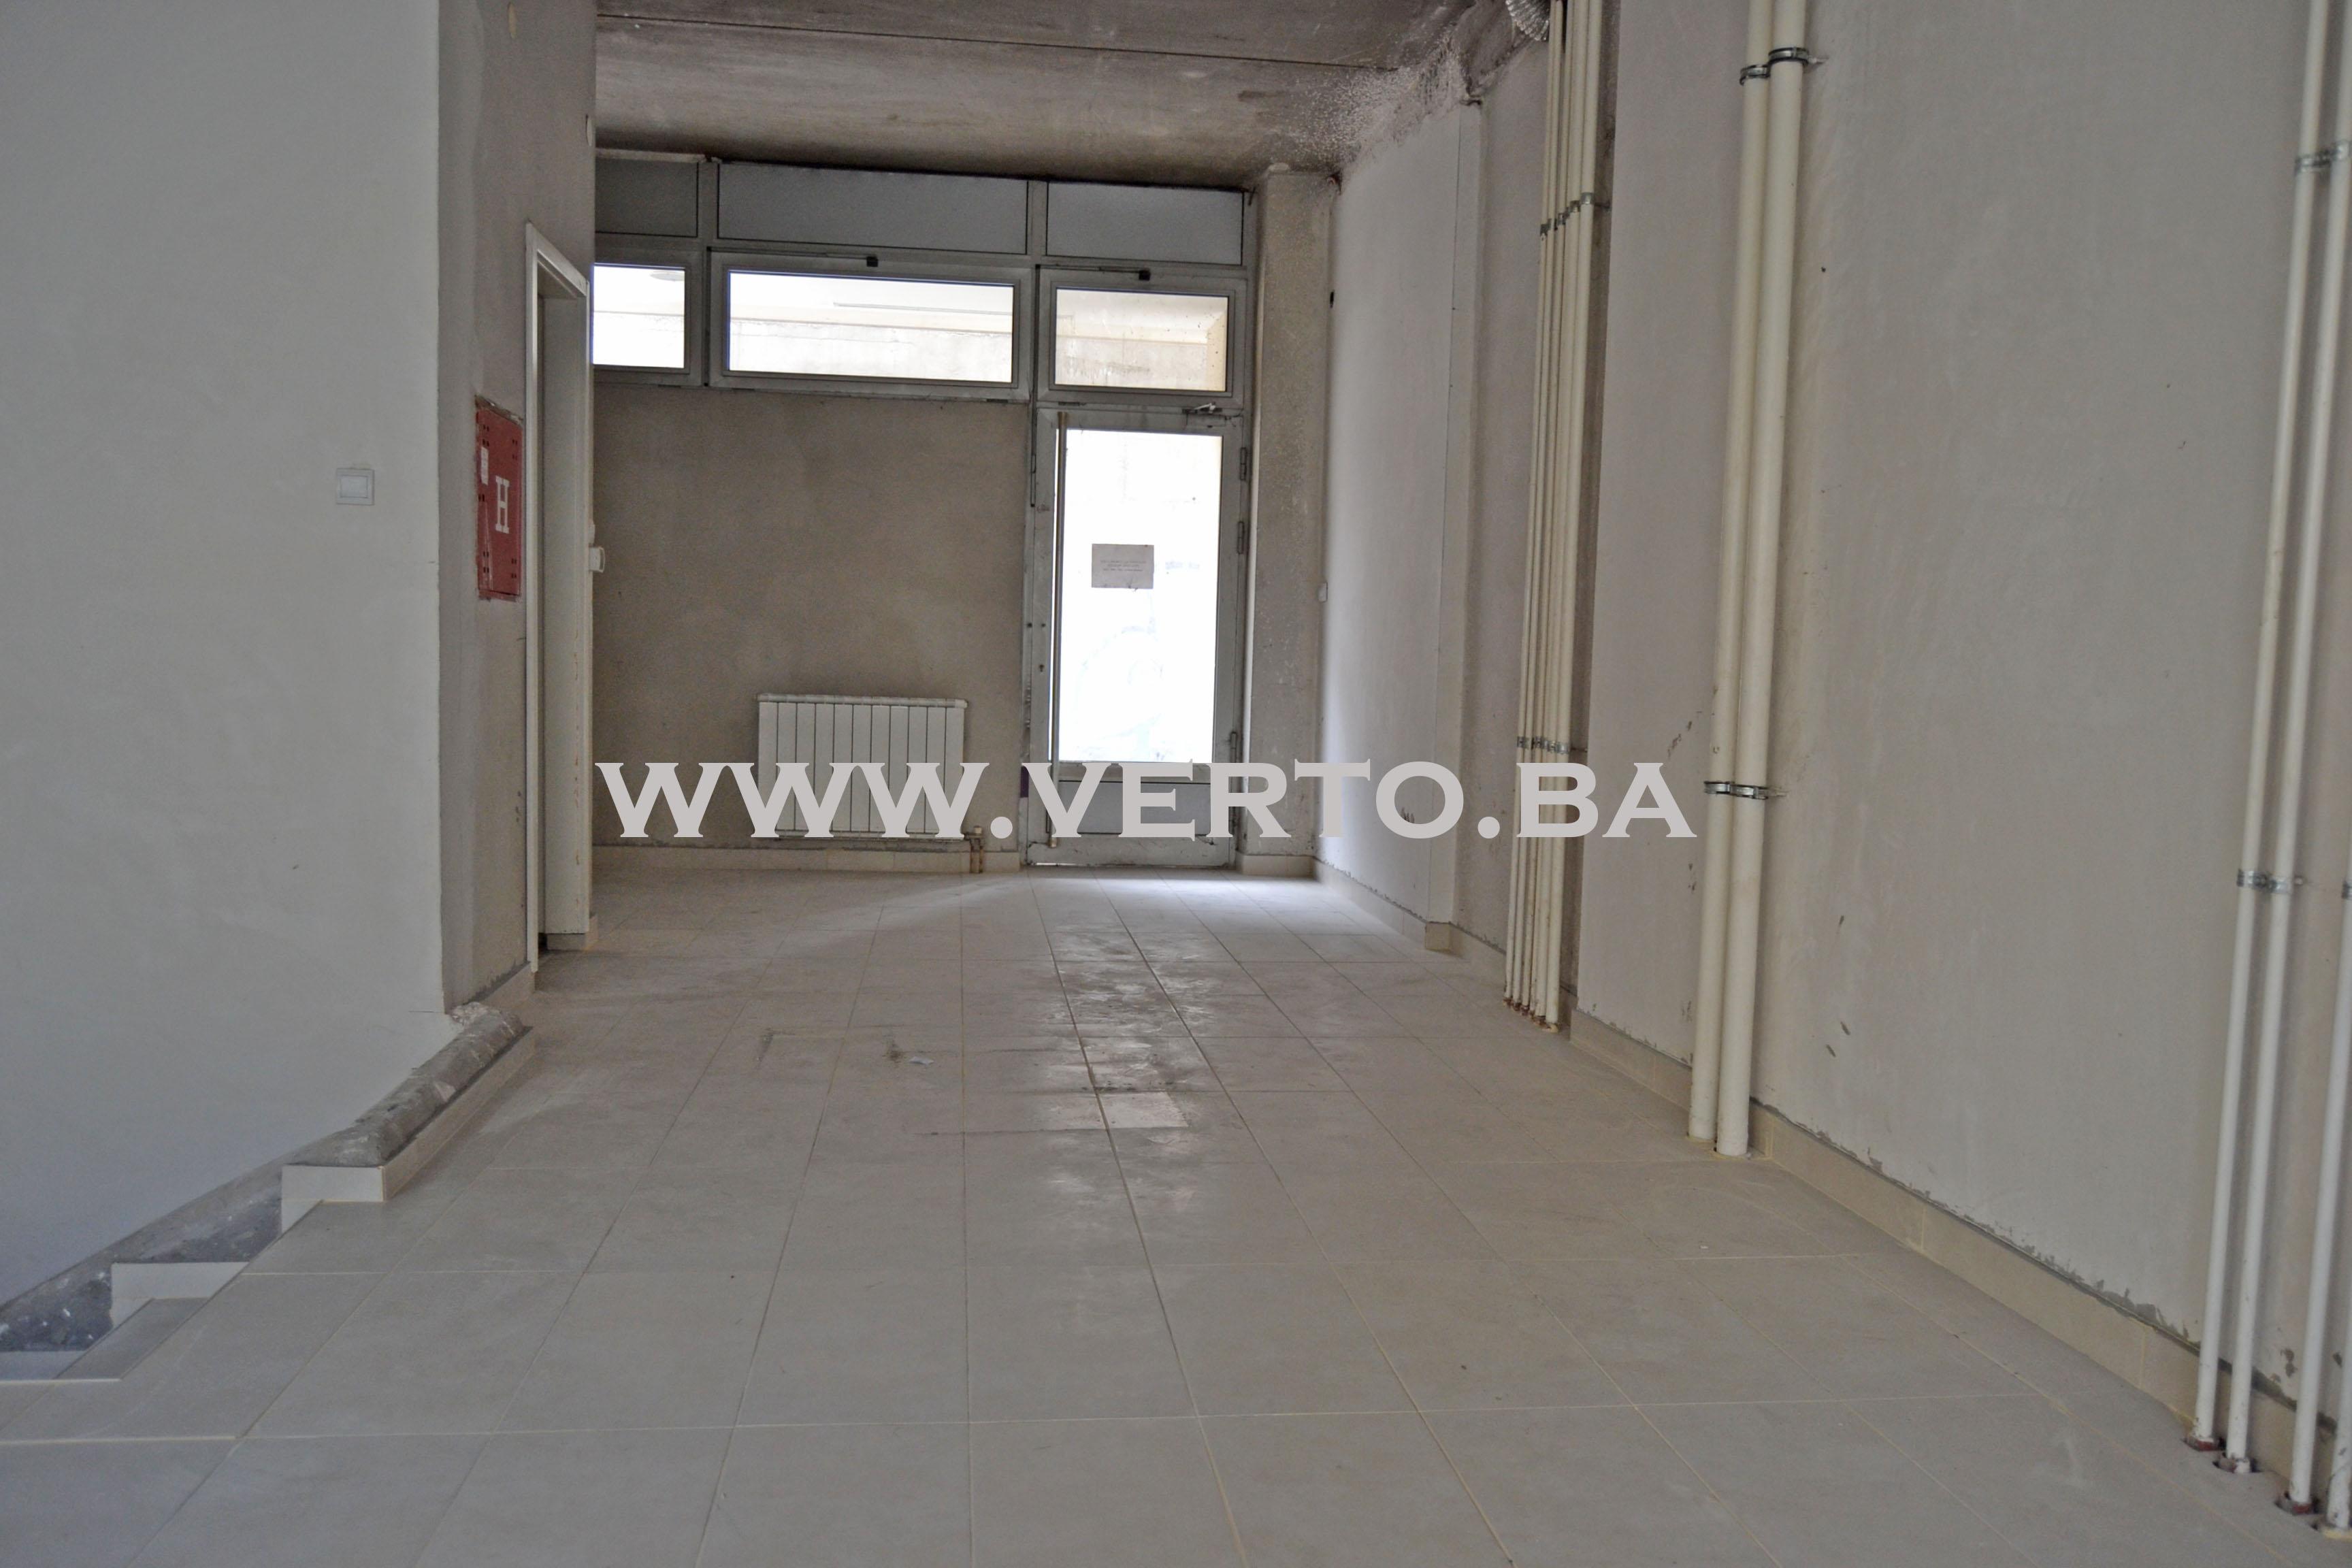 Poslovni prostor površine 104 m2, centar Grada Tuzla